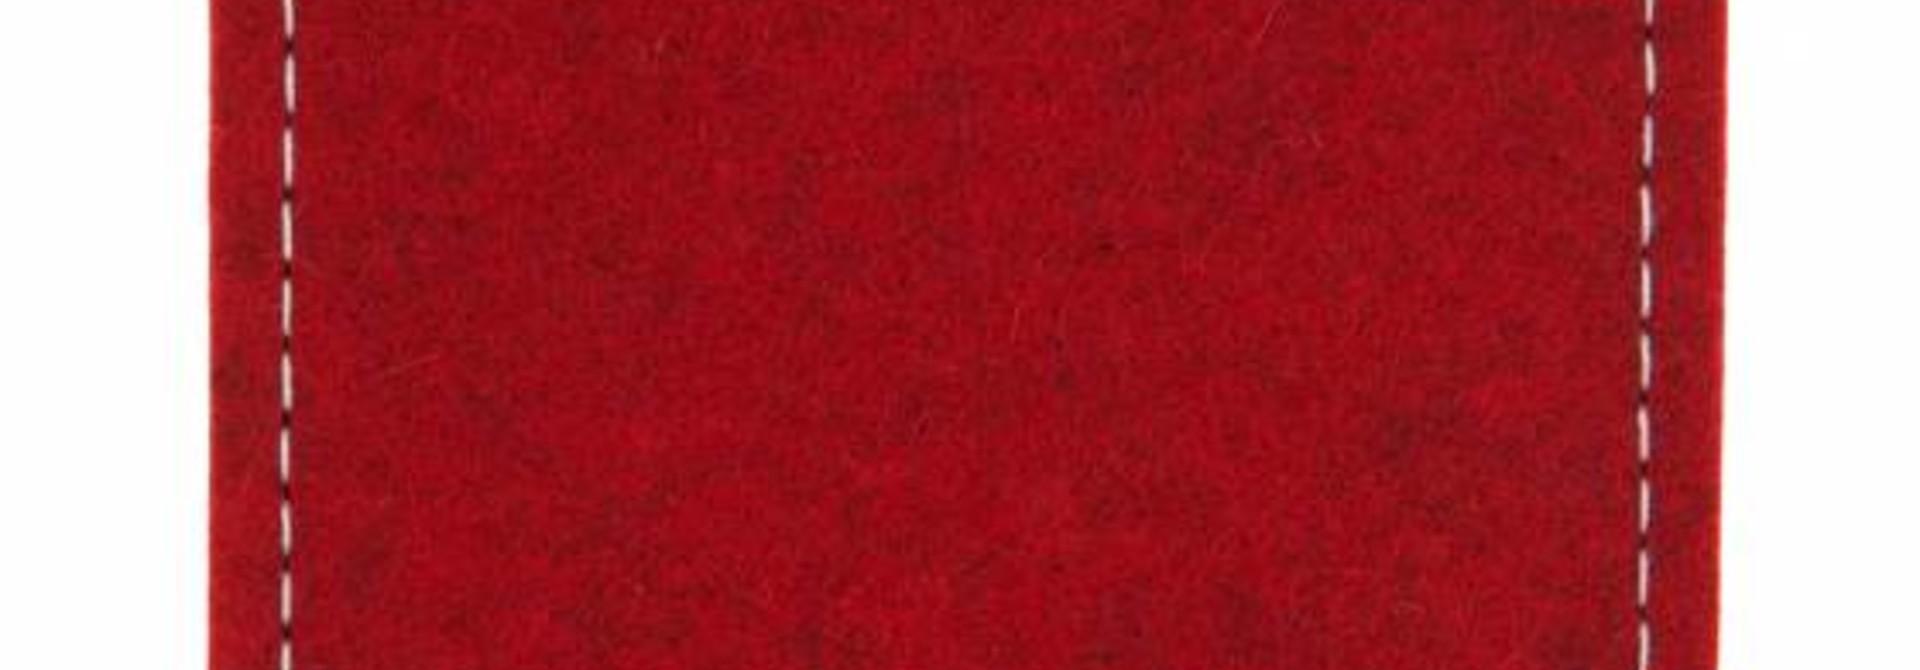 Pixel Sleeve Cherry